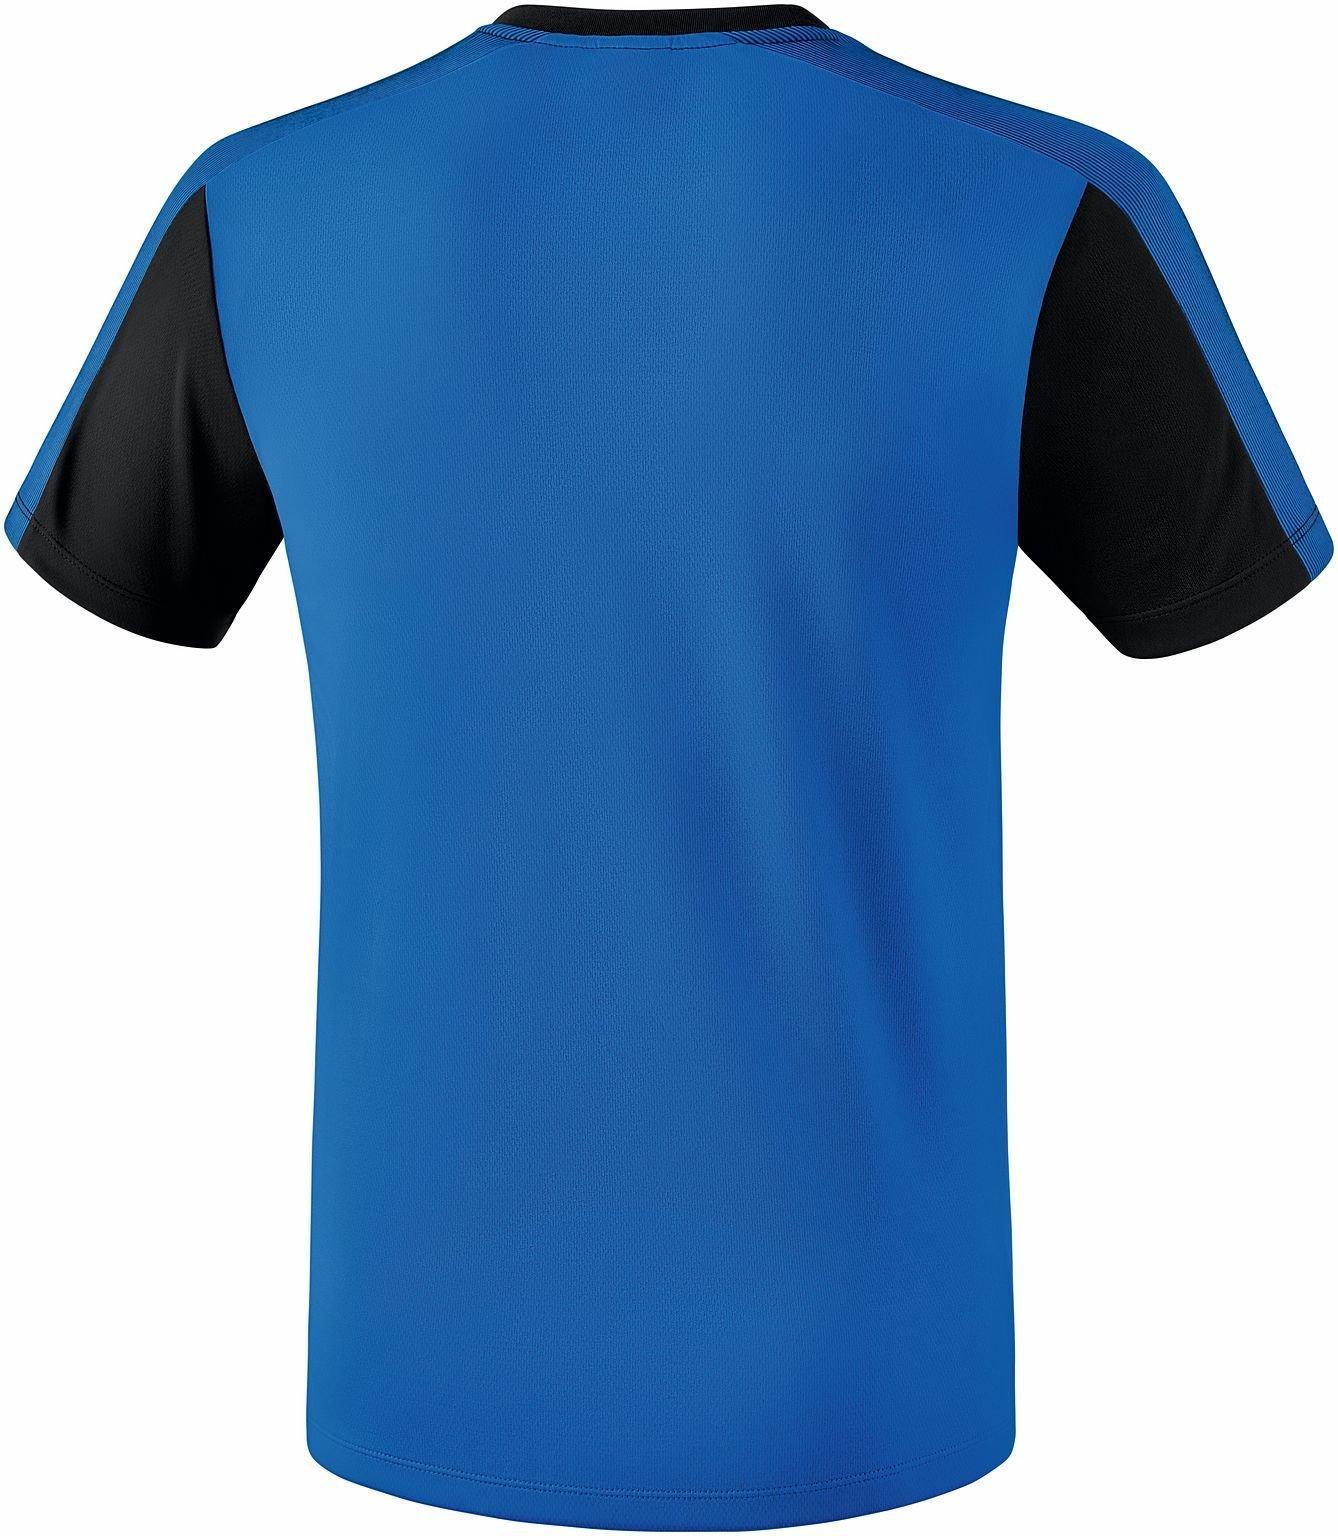 Premium One 2.0 T-Shirt